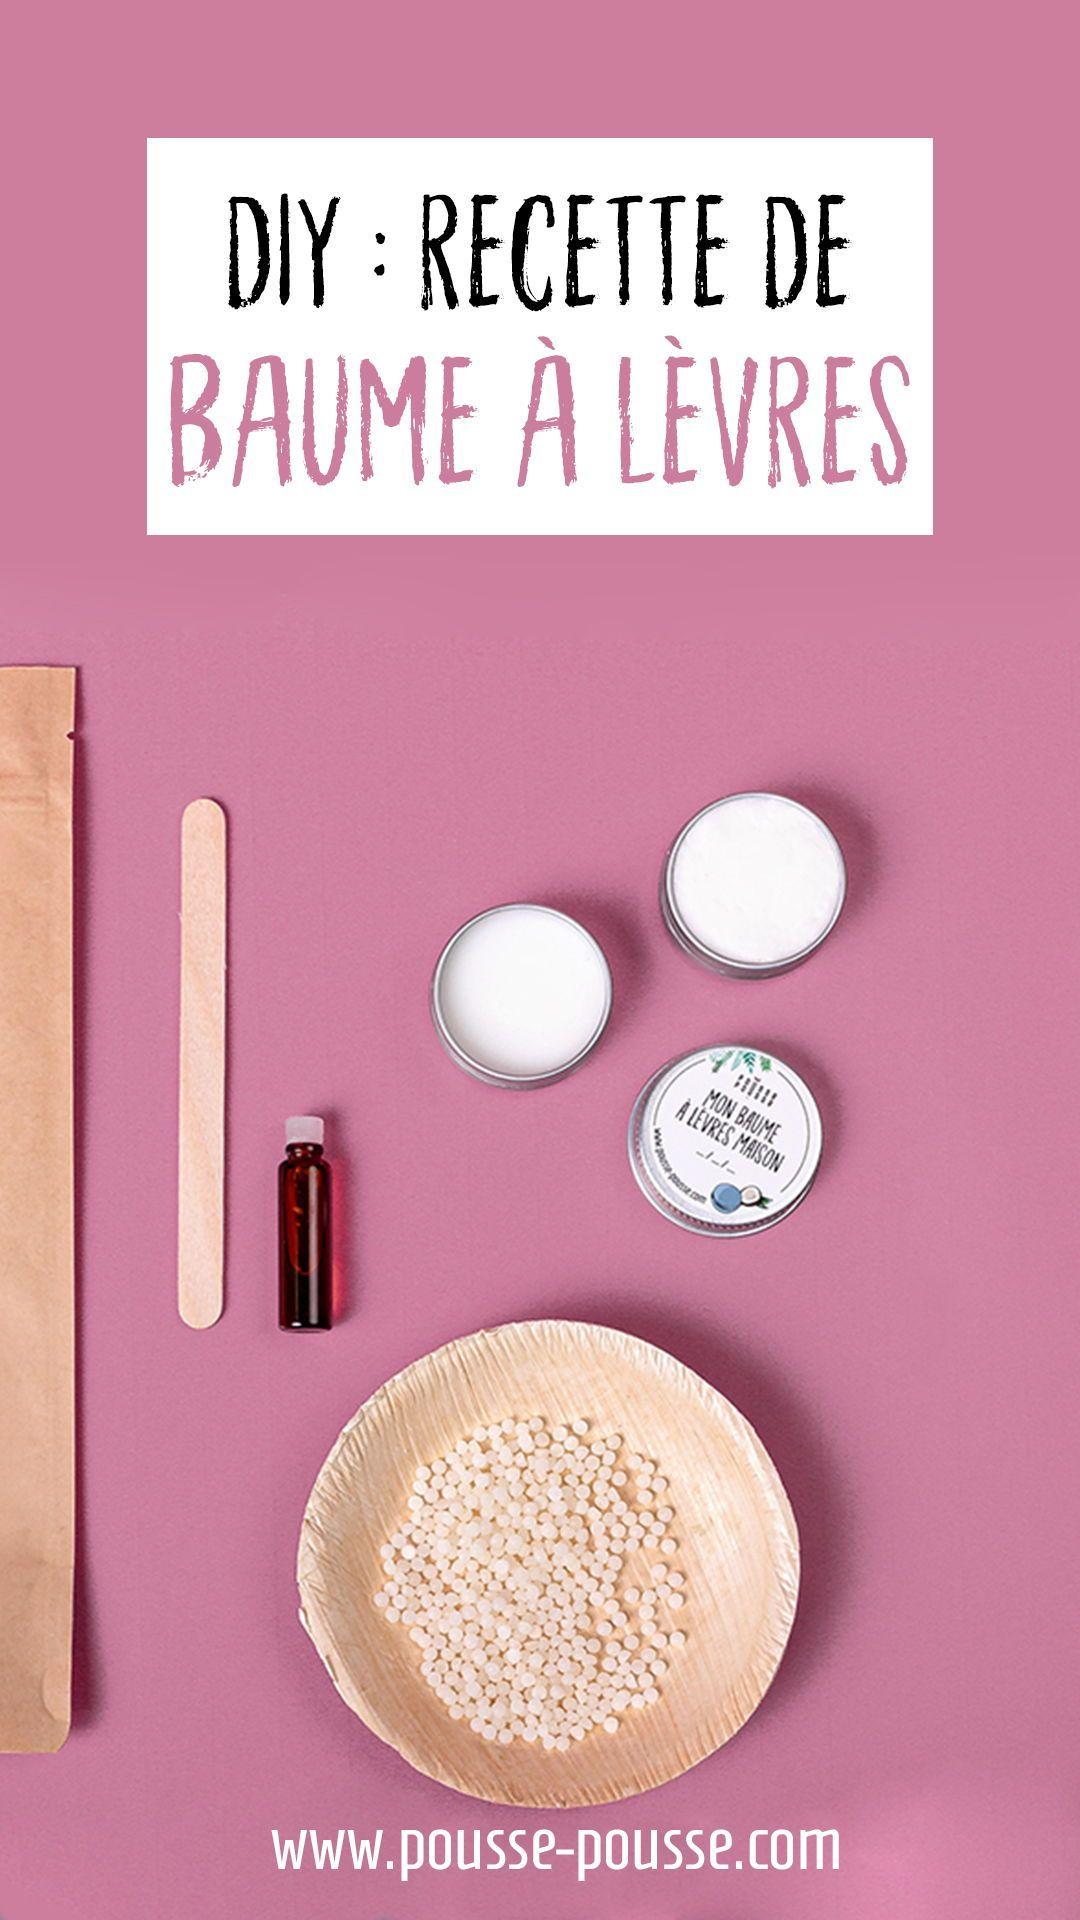 Diy Zéro Déchet Mon Baume à Lèvres Maison En 2020 Baume à Lèvres Maison Baume à Lèvres Baume